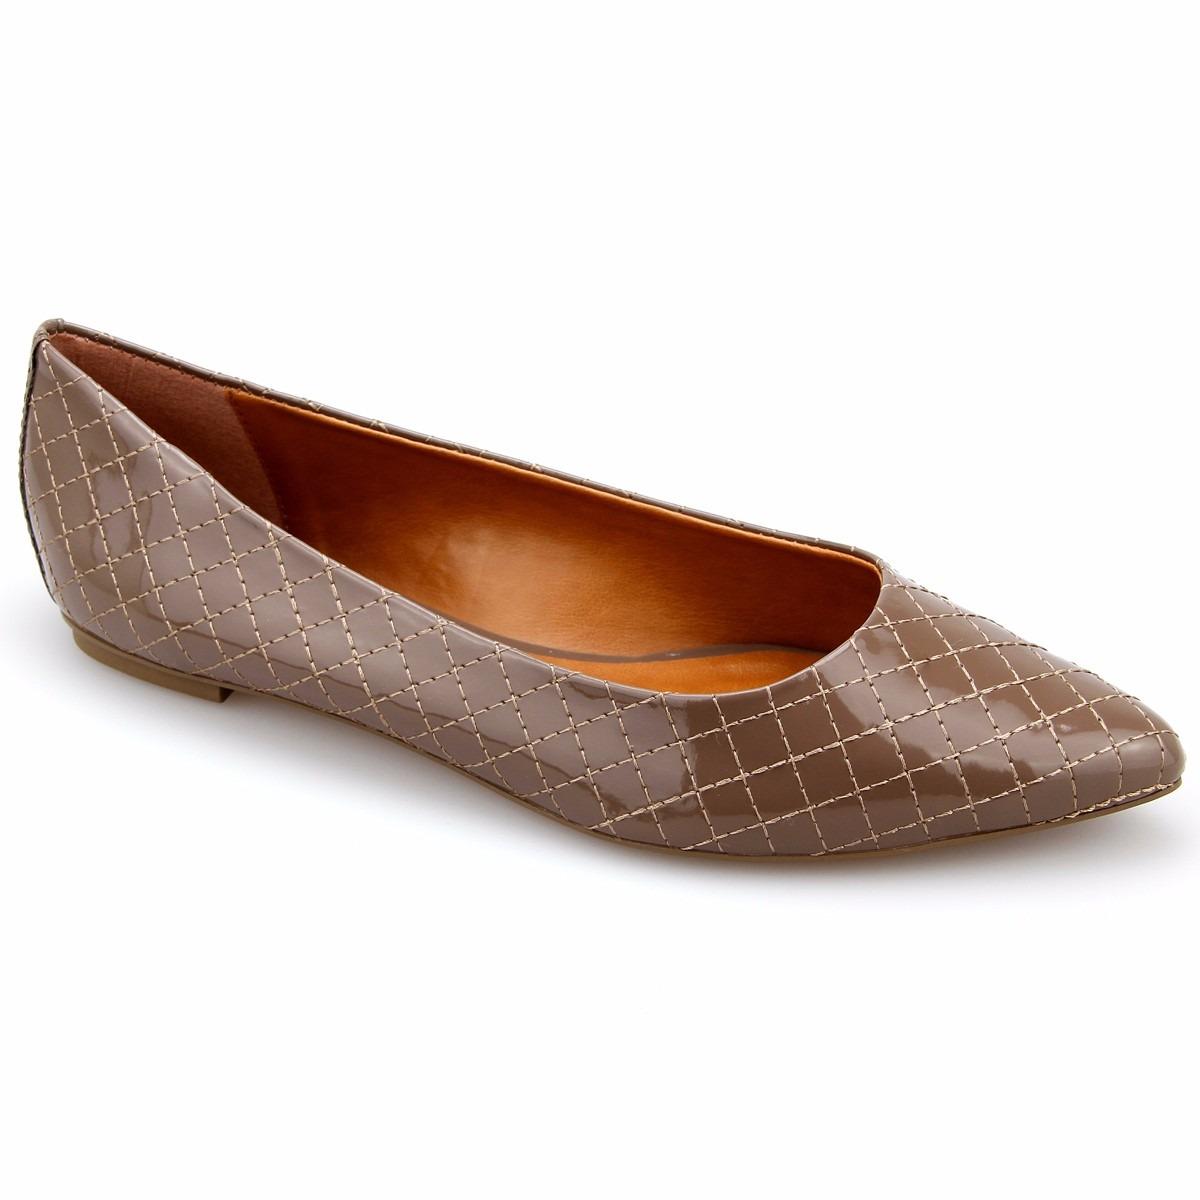 ccaa6317347 sapatilha bico fino verniz super confortável preço especial. Carregando  zoom.